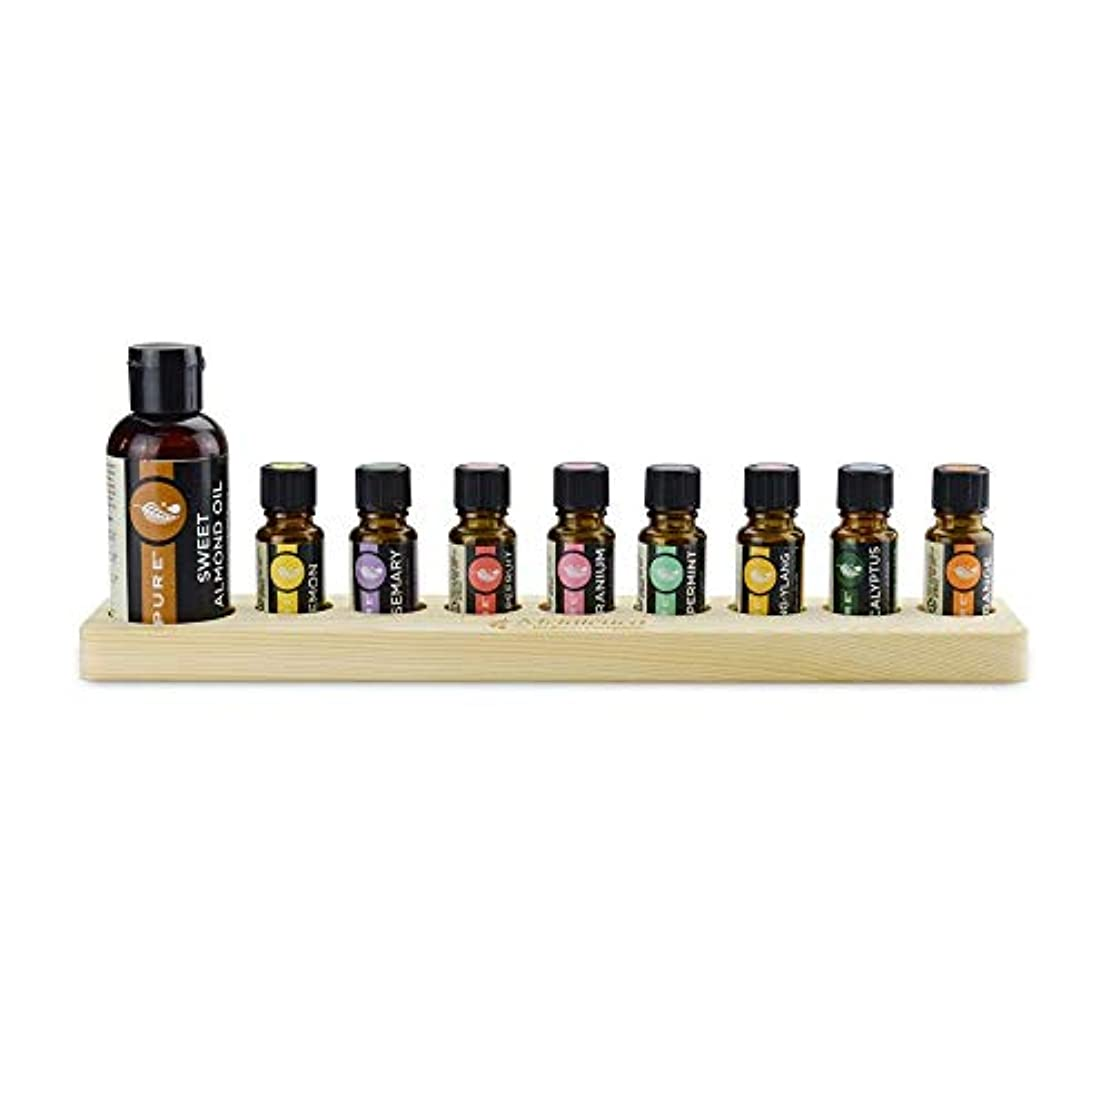 虫を数えるペック尊敬エッセンシャルオイルの保管 9スロット木製エッセンシャルオイルストレージホルダーは、9つの15ミリリットル油のボトルを保持します (色 : Natural, サイズ : Free size)